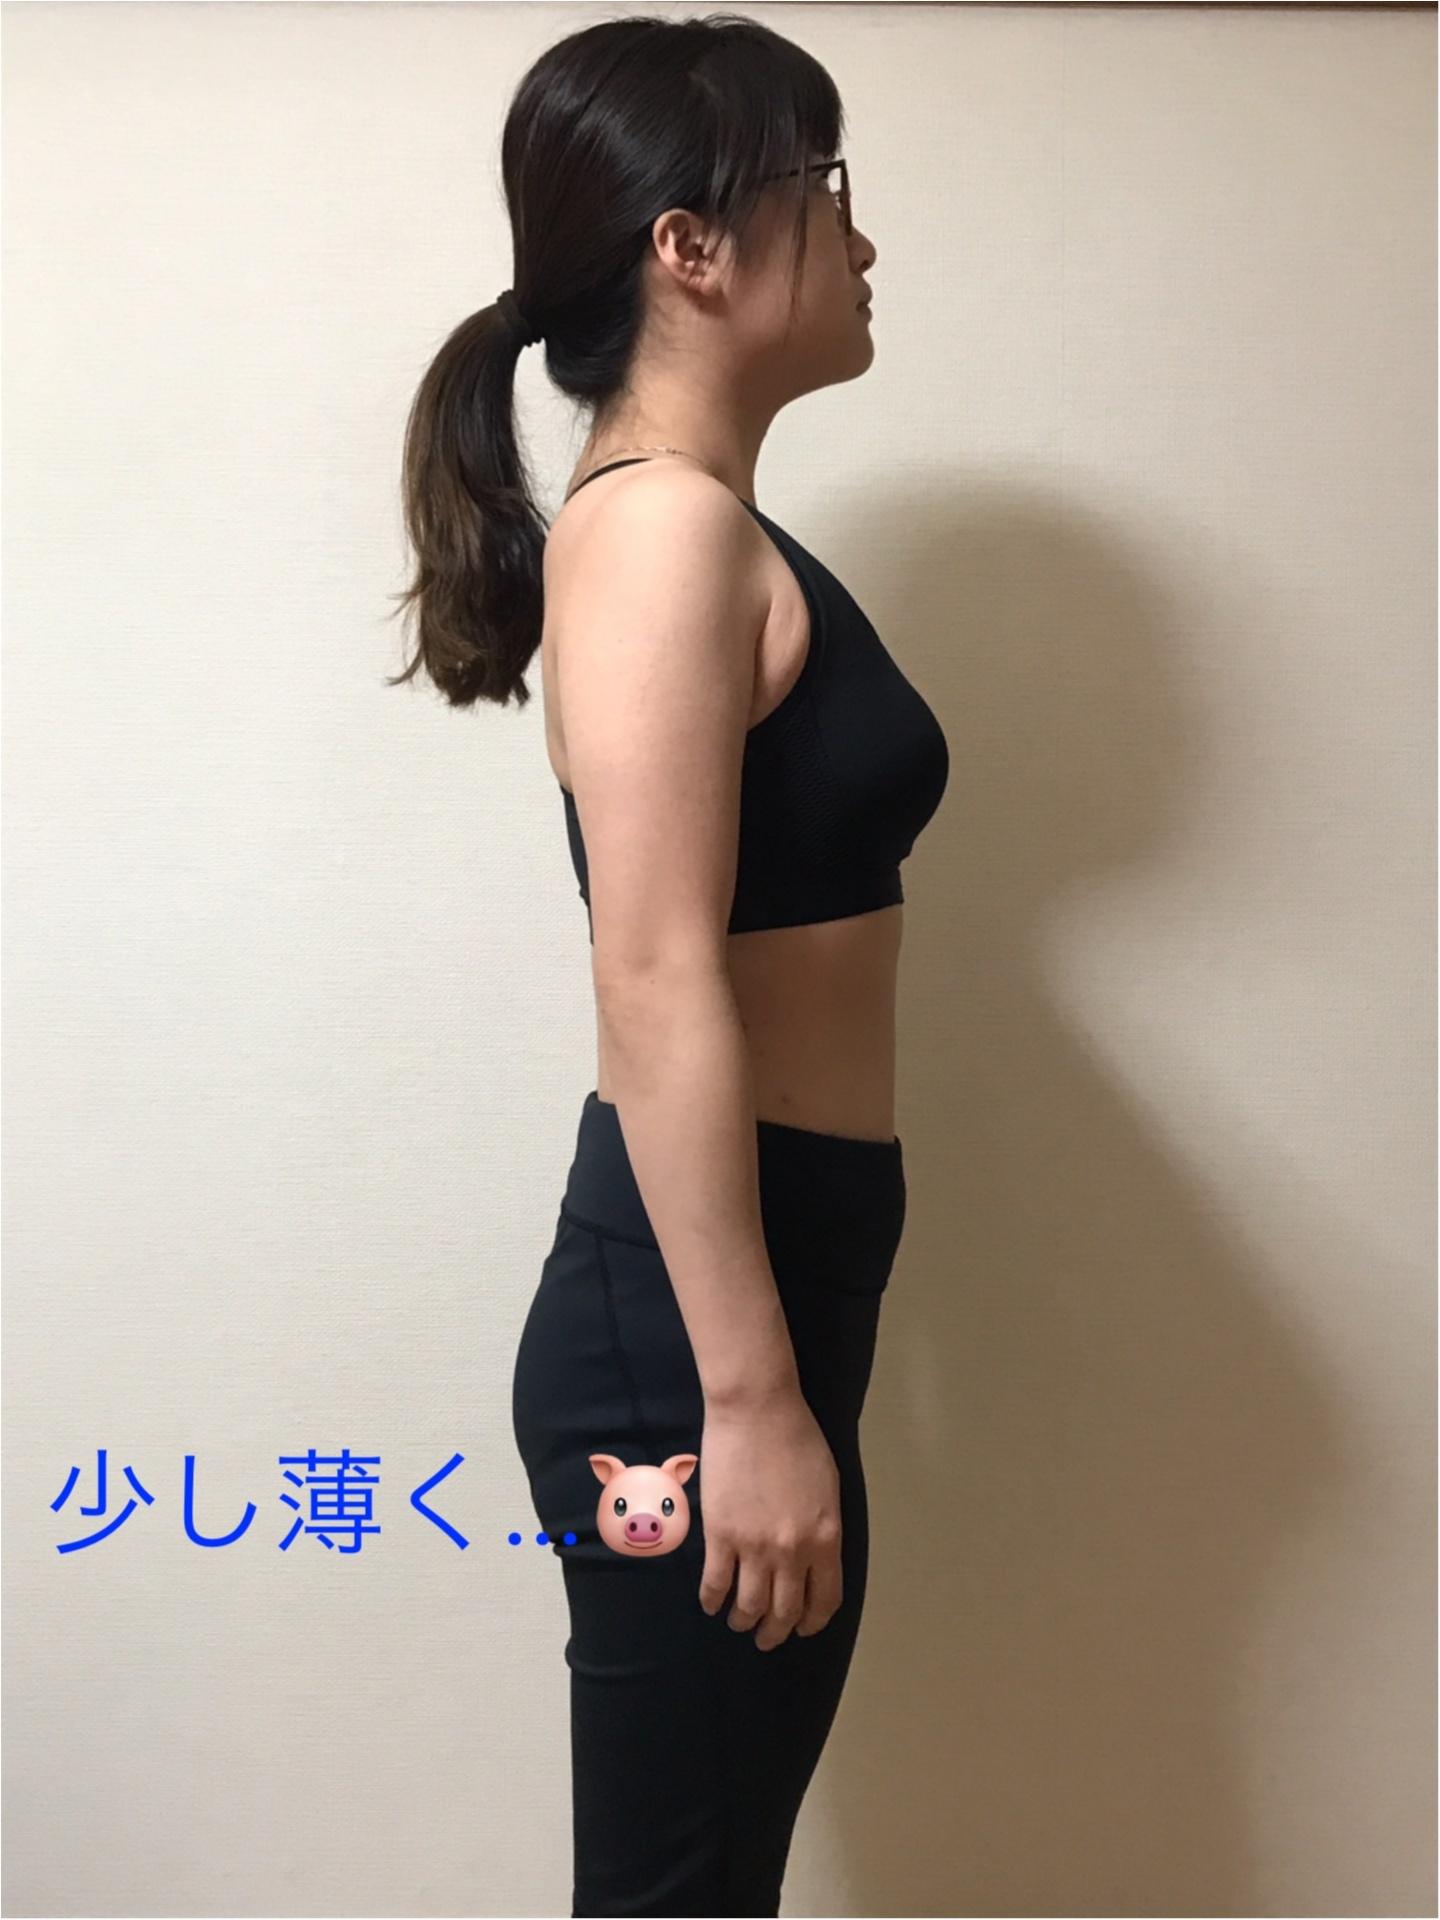 【9月の結果報告】スタートから-6.6キロ! 目標達成まであ、あと0.4キロに♪【#モアチャレ 7キロ痩せ】_5